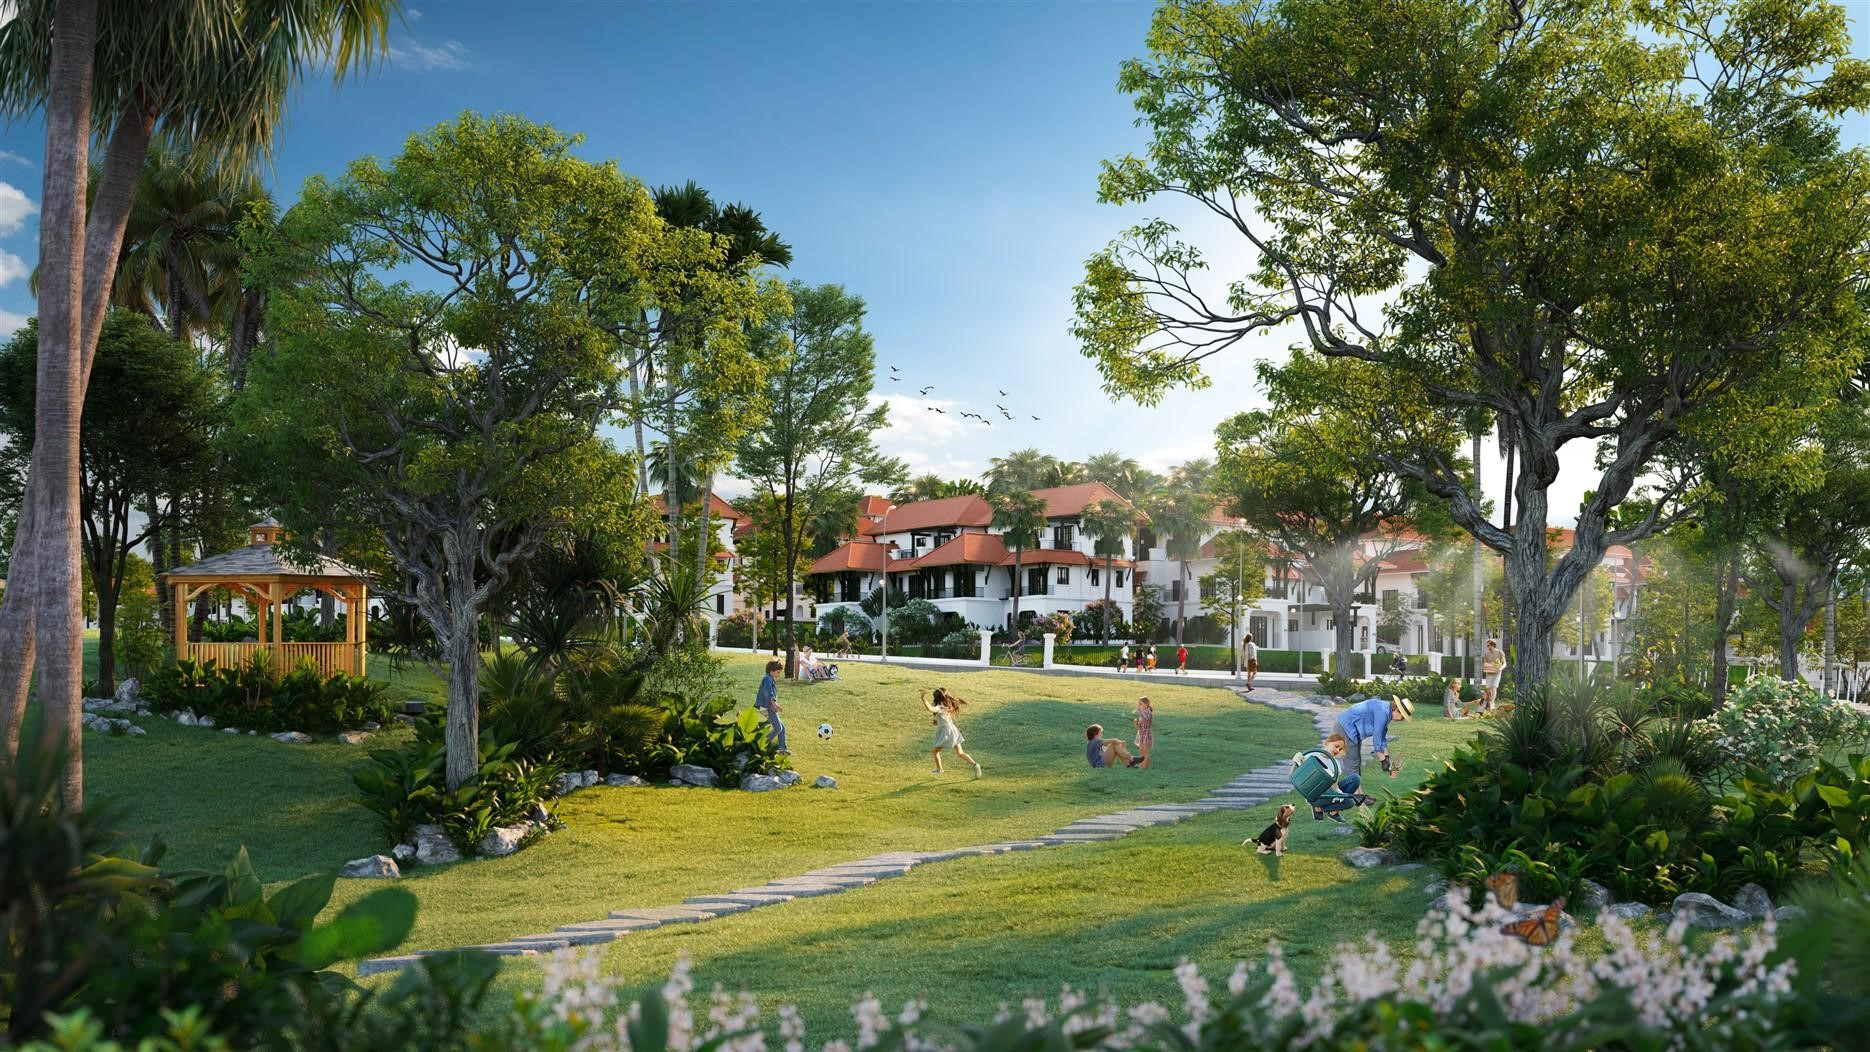 Hệ thống tiện ích wellness tại Sun Tropical Village tạo nên điểm nhấn ấn tượng